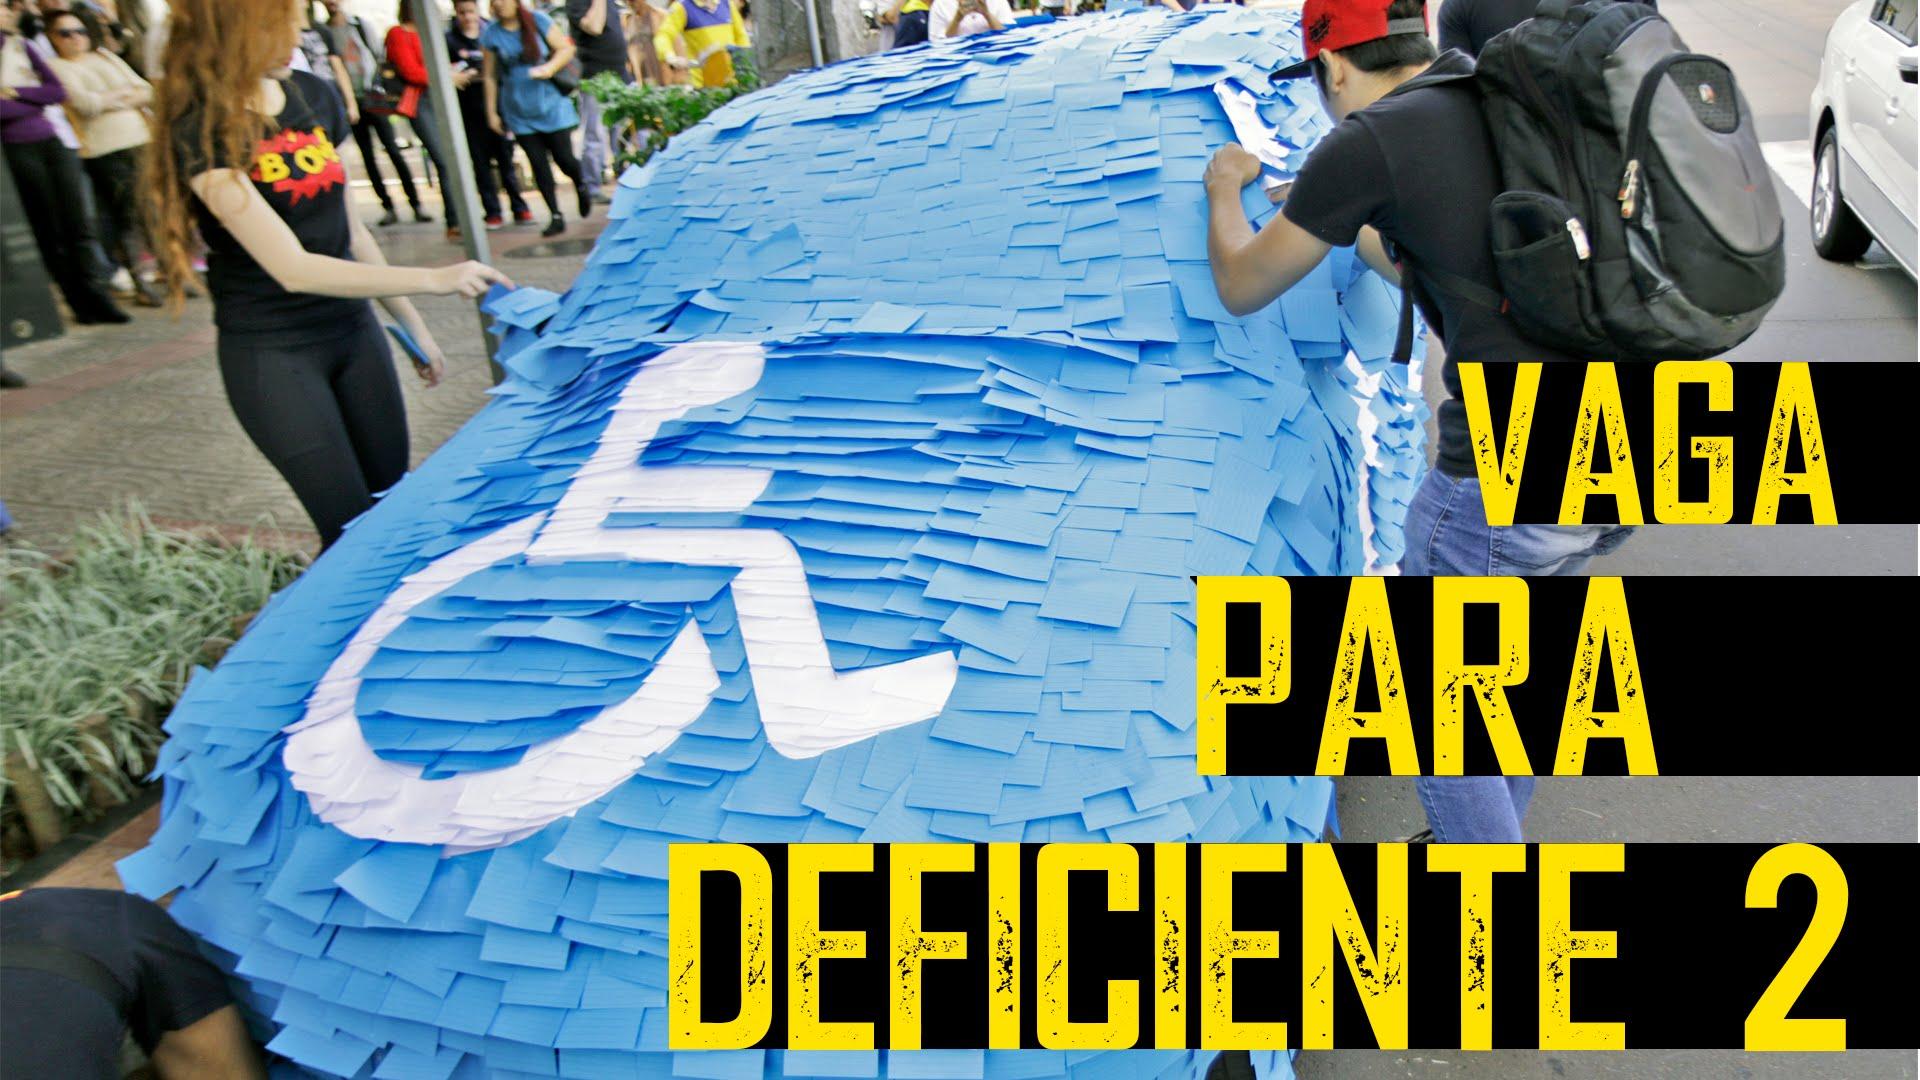 障がい者用駐車スペースに健常者が車を止めた結果